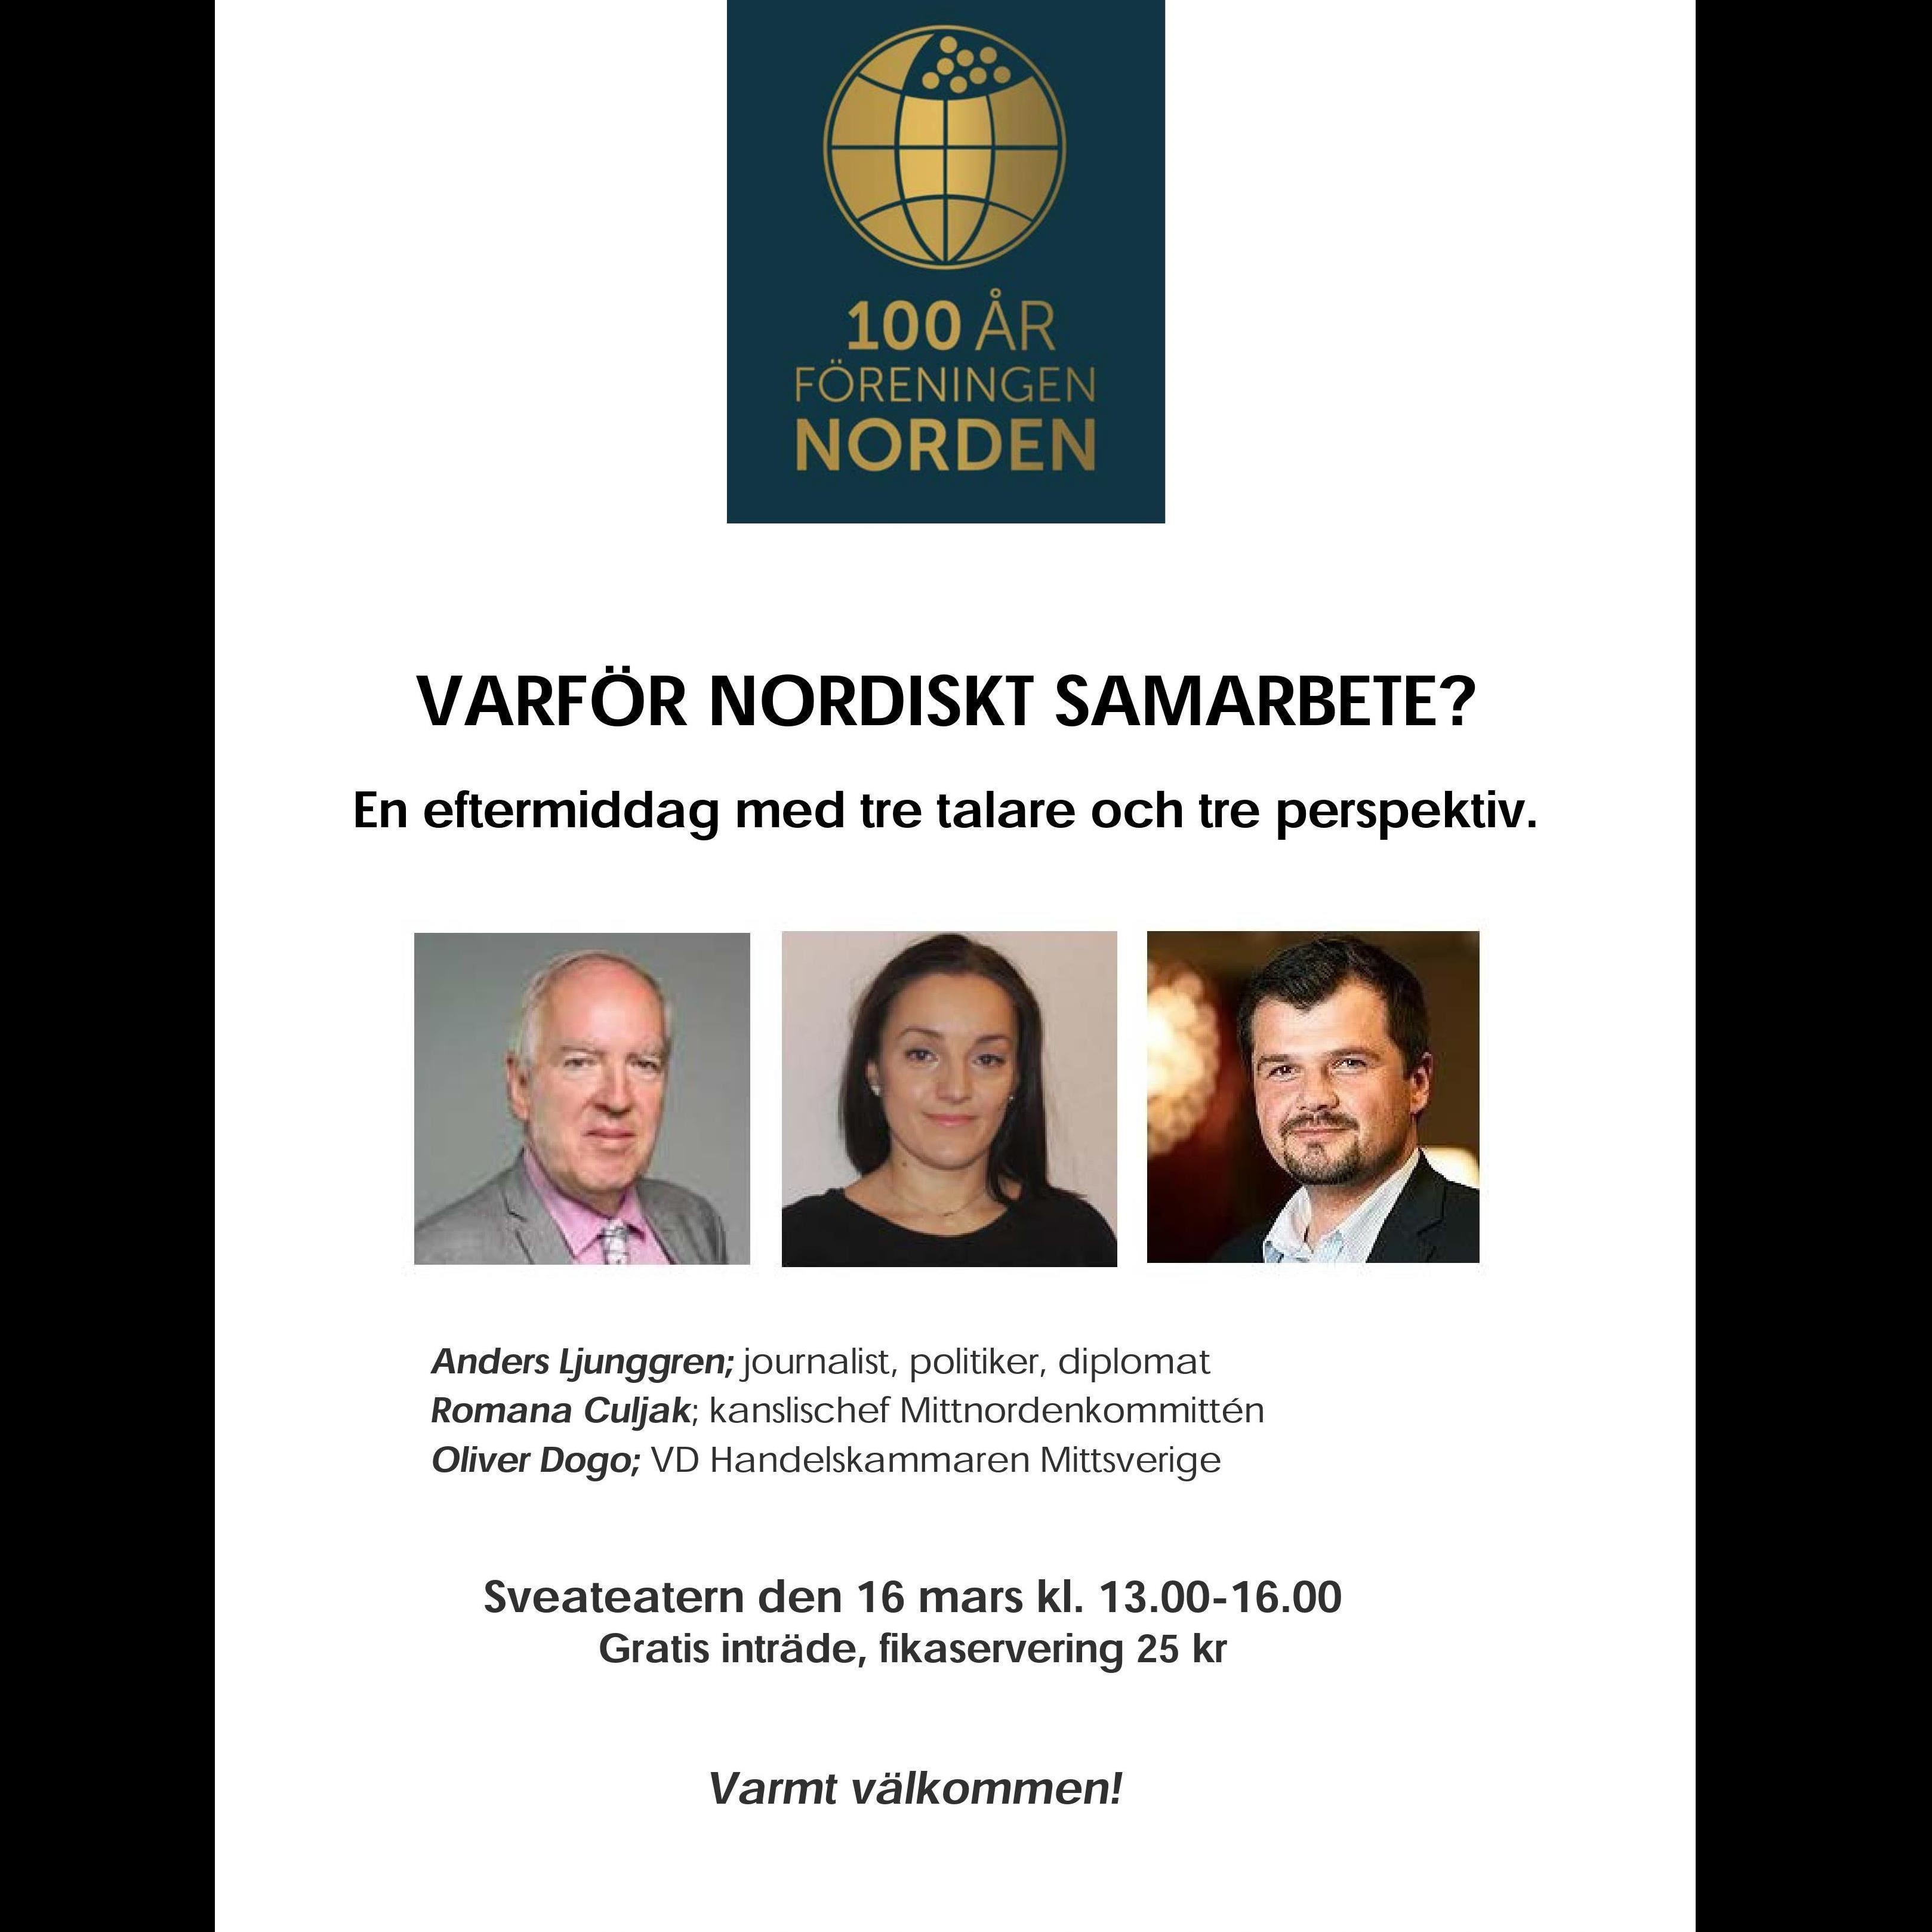 Föreningen Norden 100 år – Varför nordiskt samarbete?